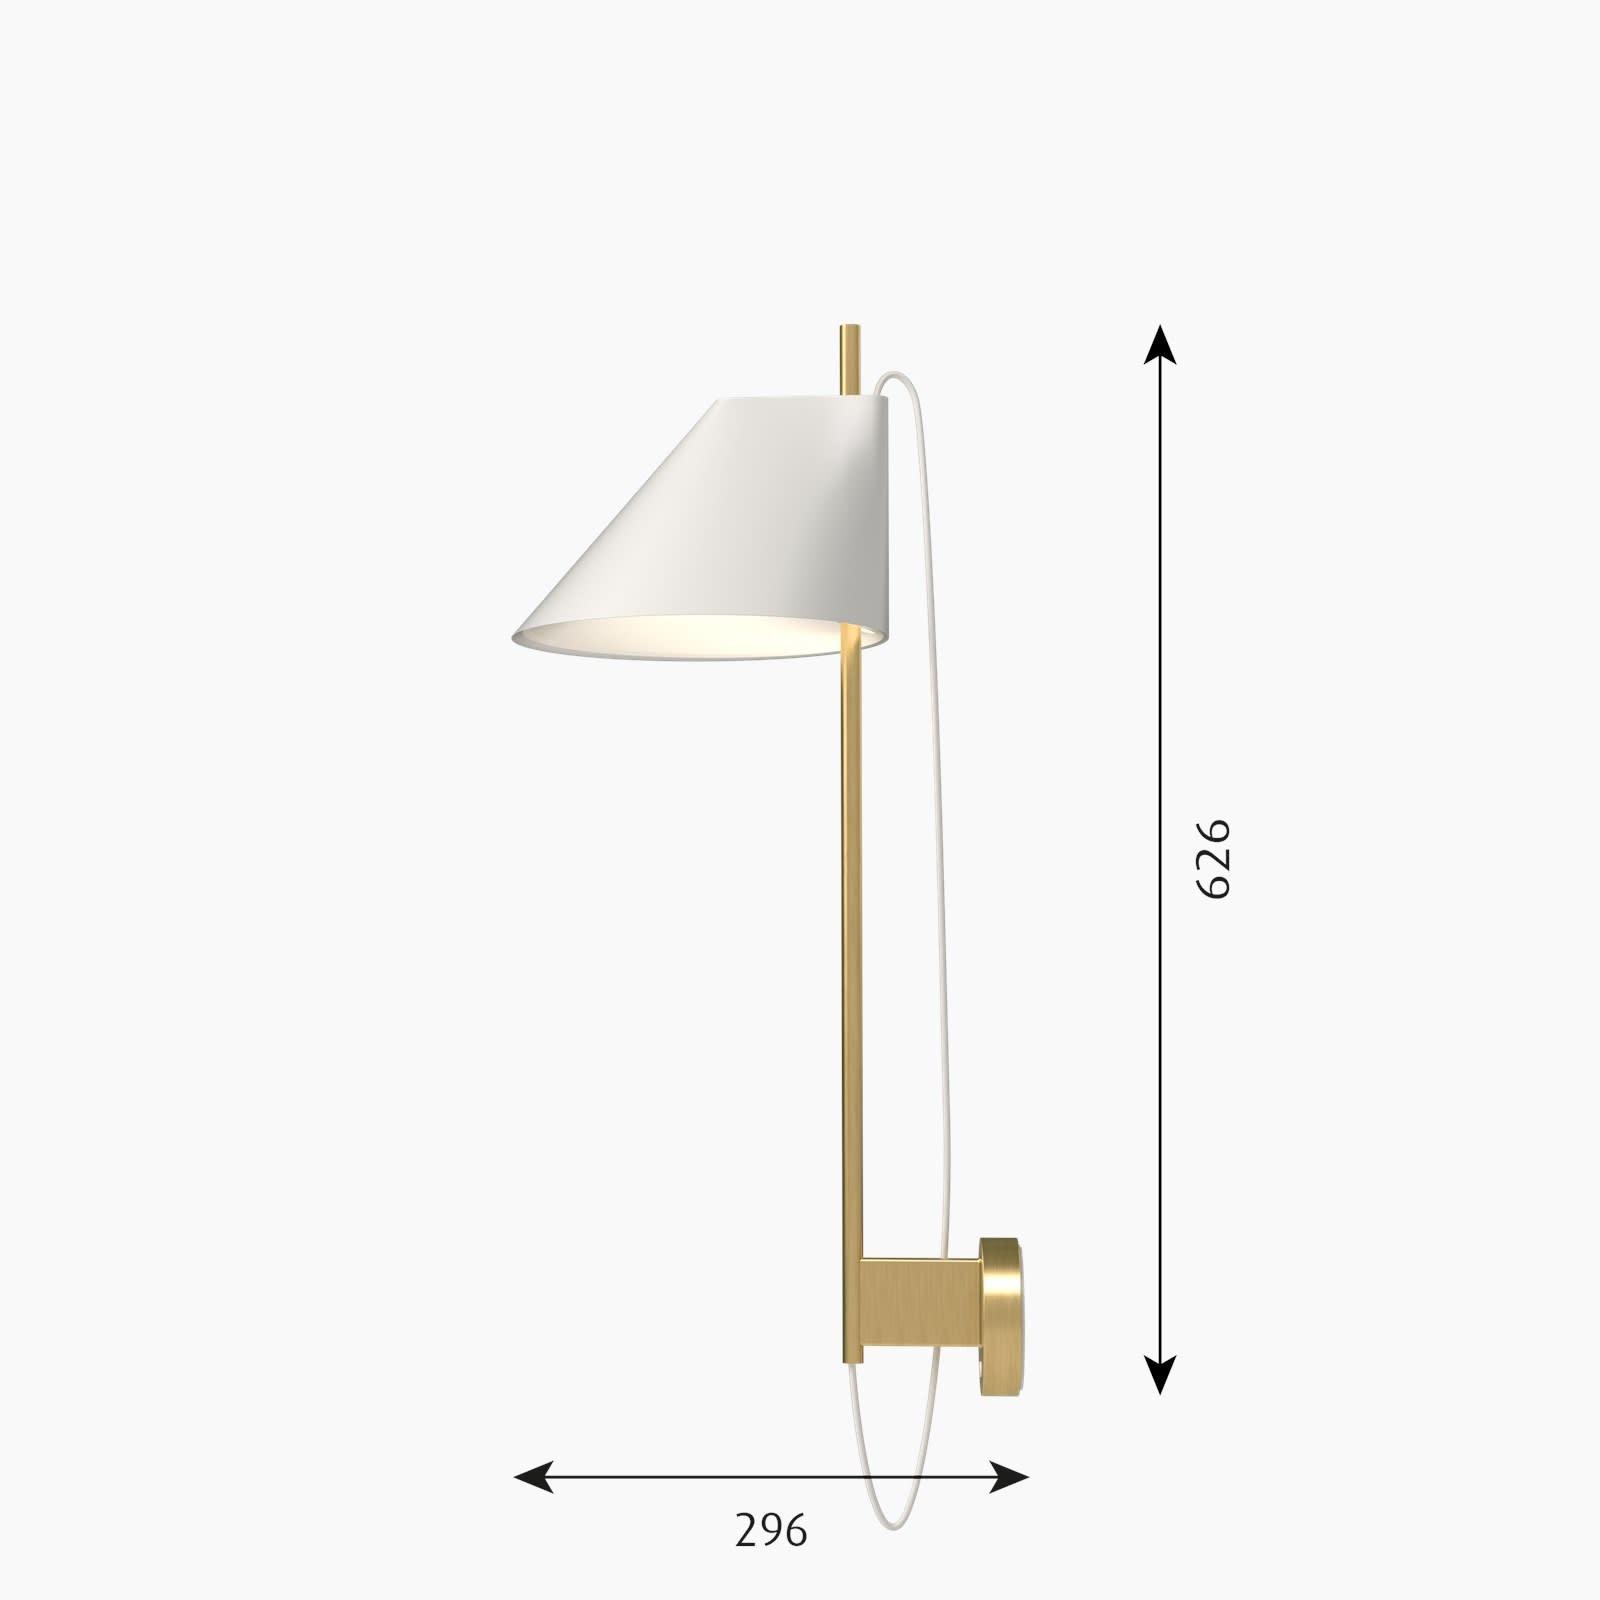 louis-poulsen-yuh-wall-lamp-dimensions